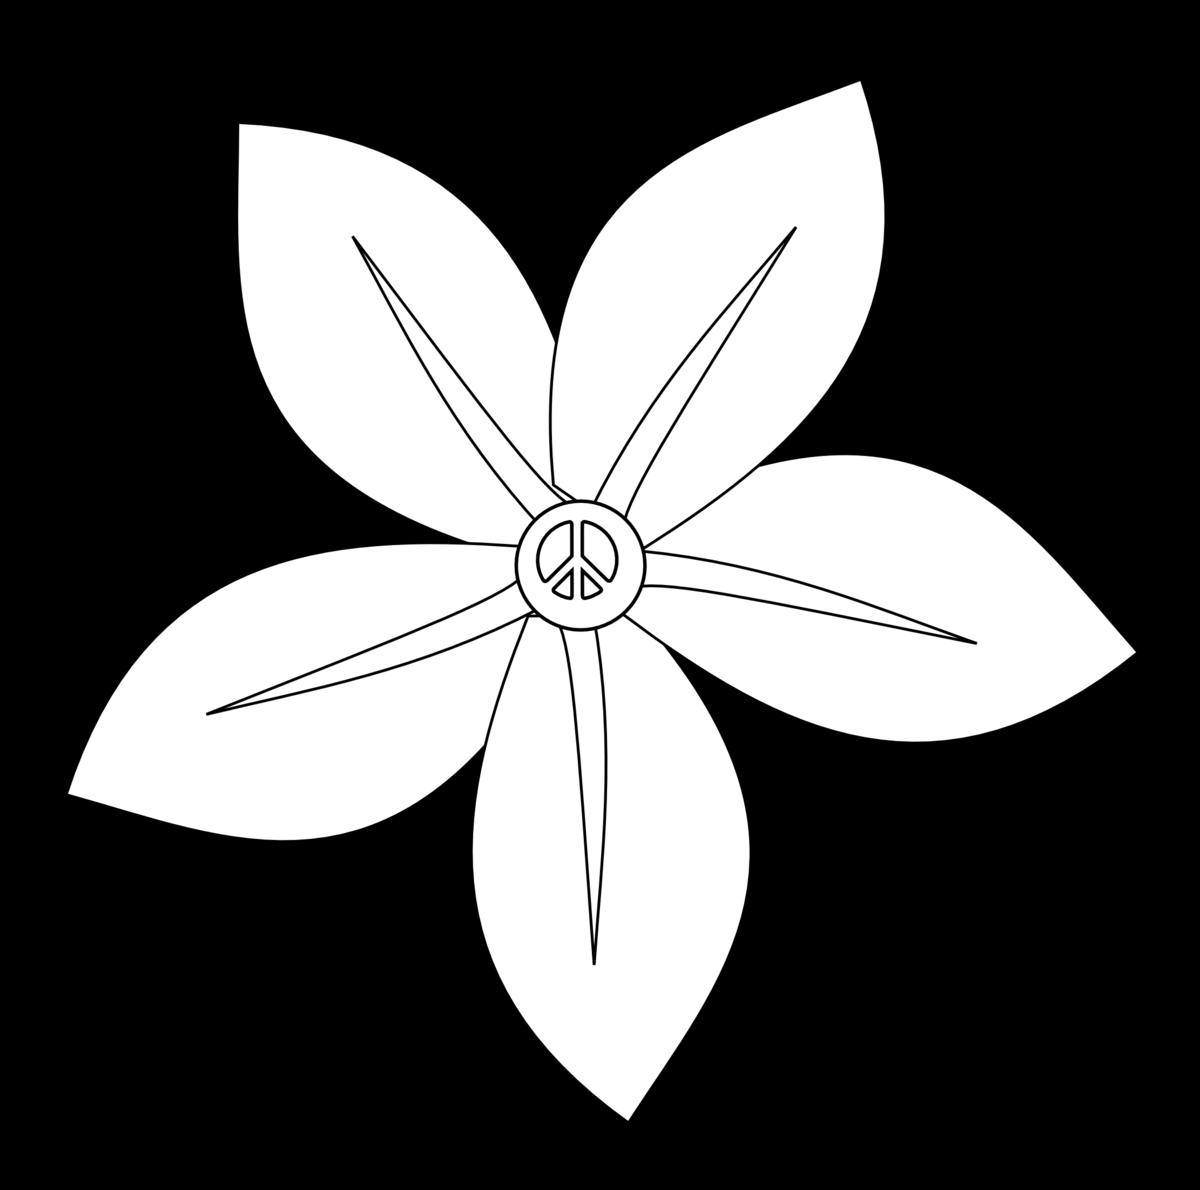 мистер цветы в картинках несложные задойнов